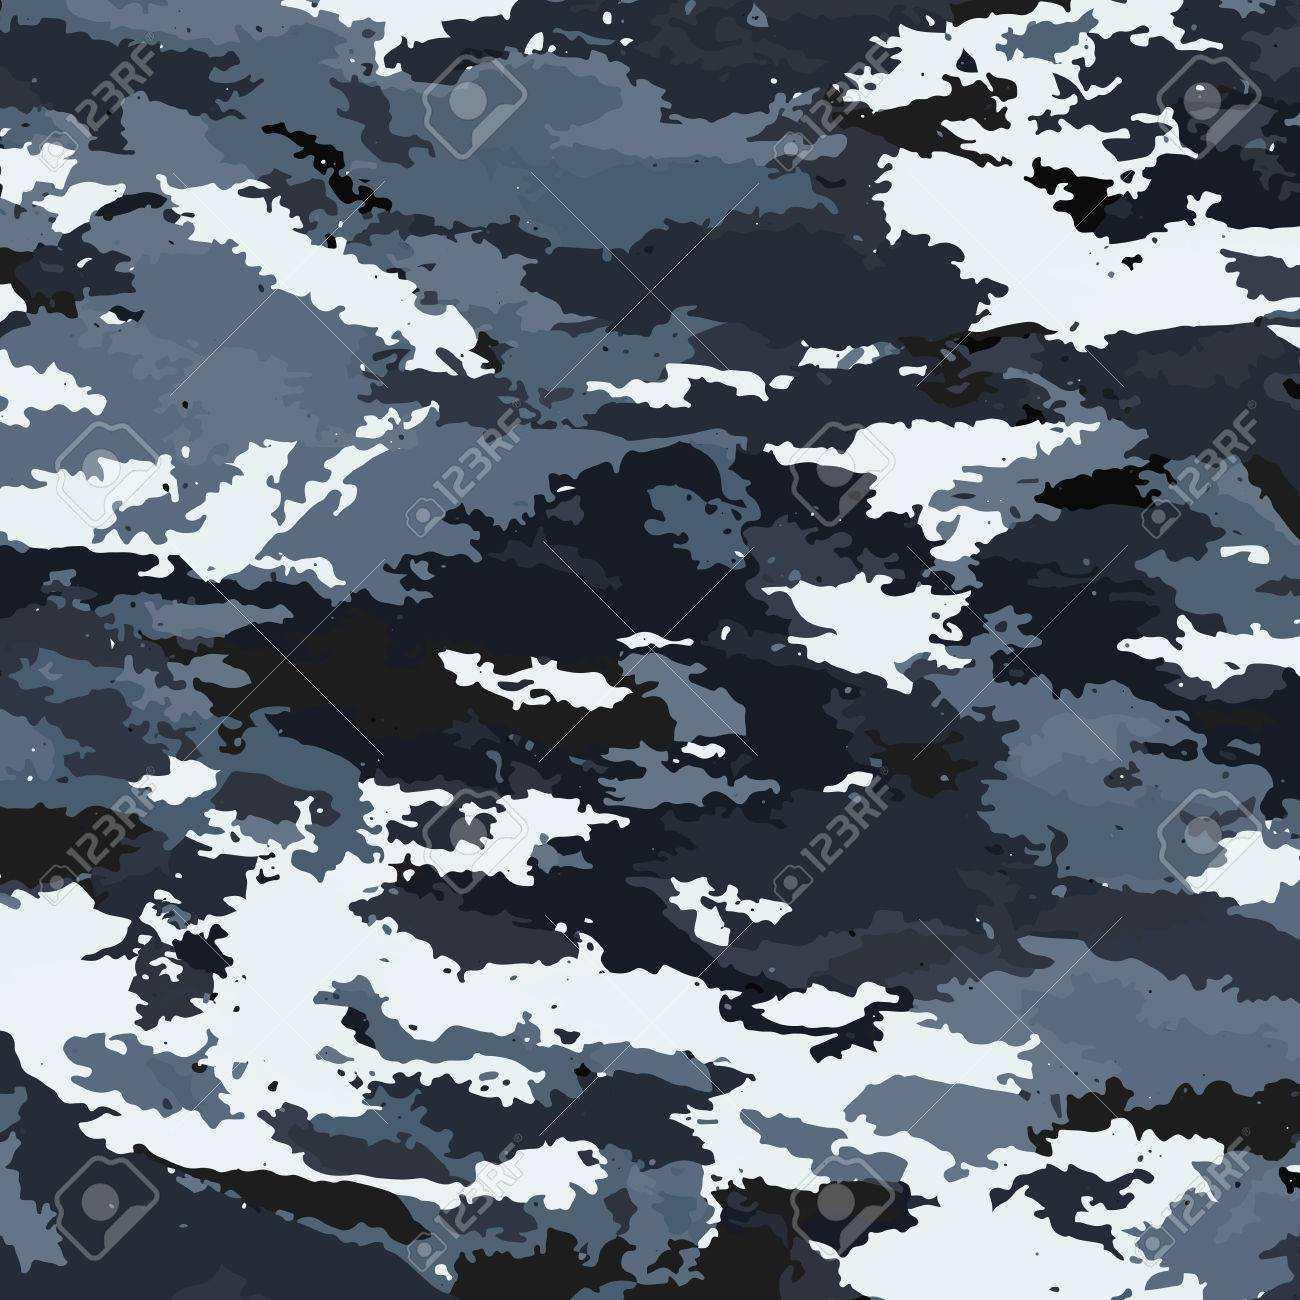 Tarnung Militarischer Hintergrund Camouflage Hintergrund Vektor Illustration Abstrakte Muster Fleck Lizenzfrei Nutzbare Vektorgrafiken Clip Arts Illustrationen Image 63529779